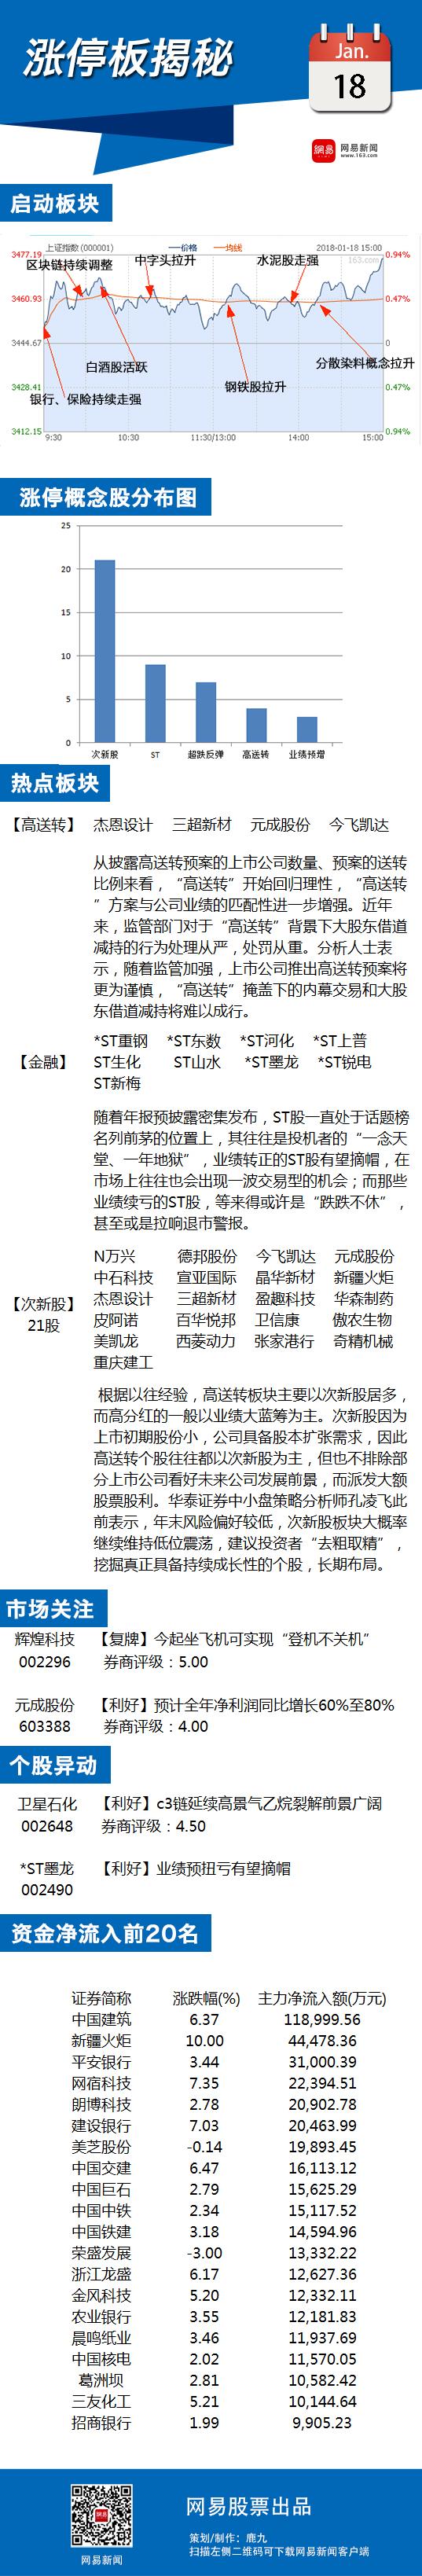 """1月18日涨停揭秘:ST股活跃 """"摘帽""""行情不断升温"""